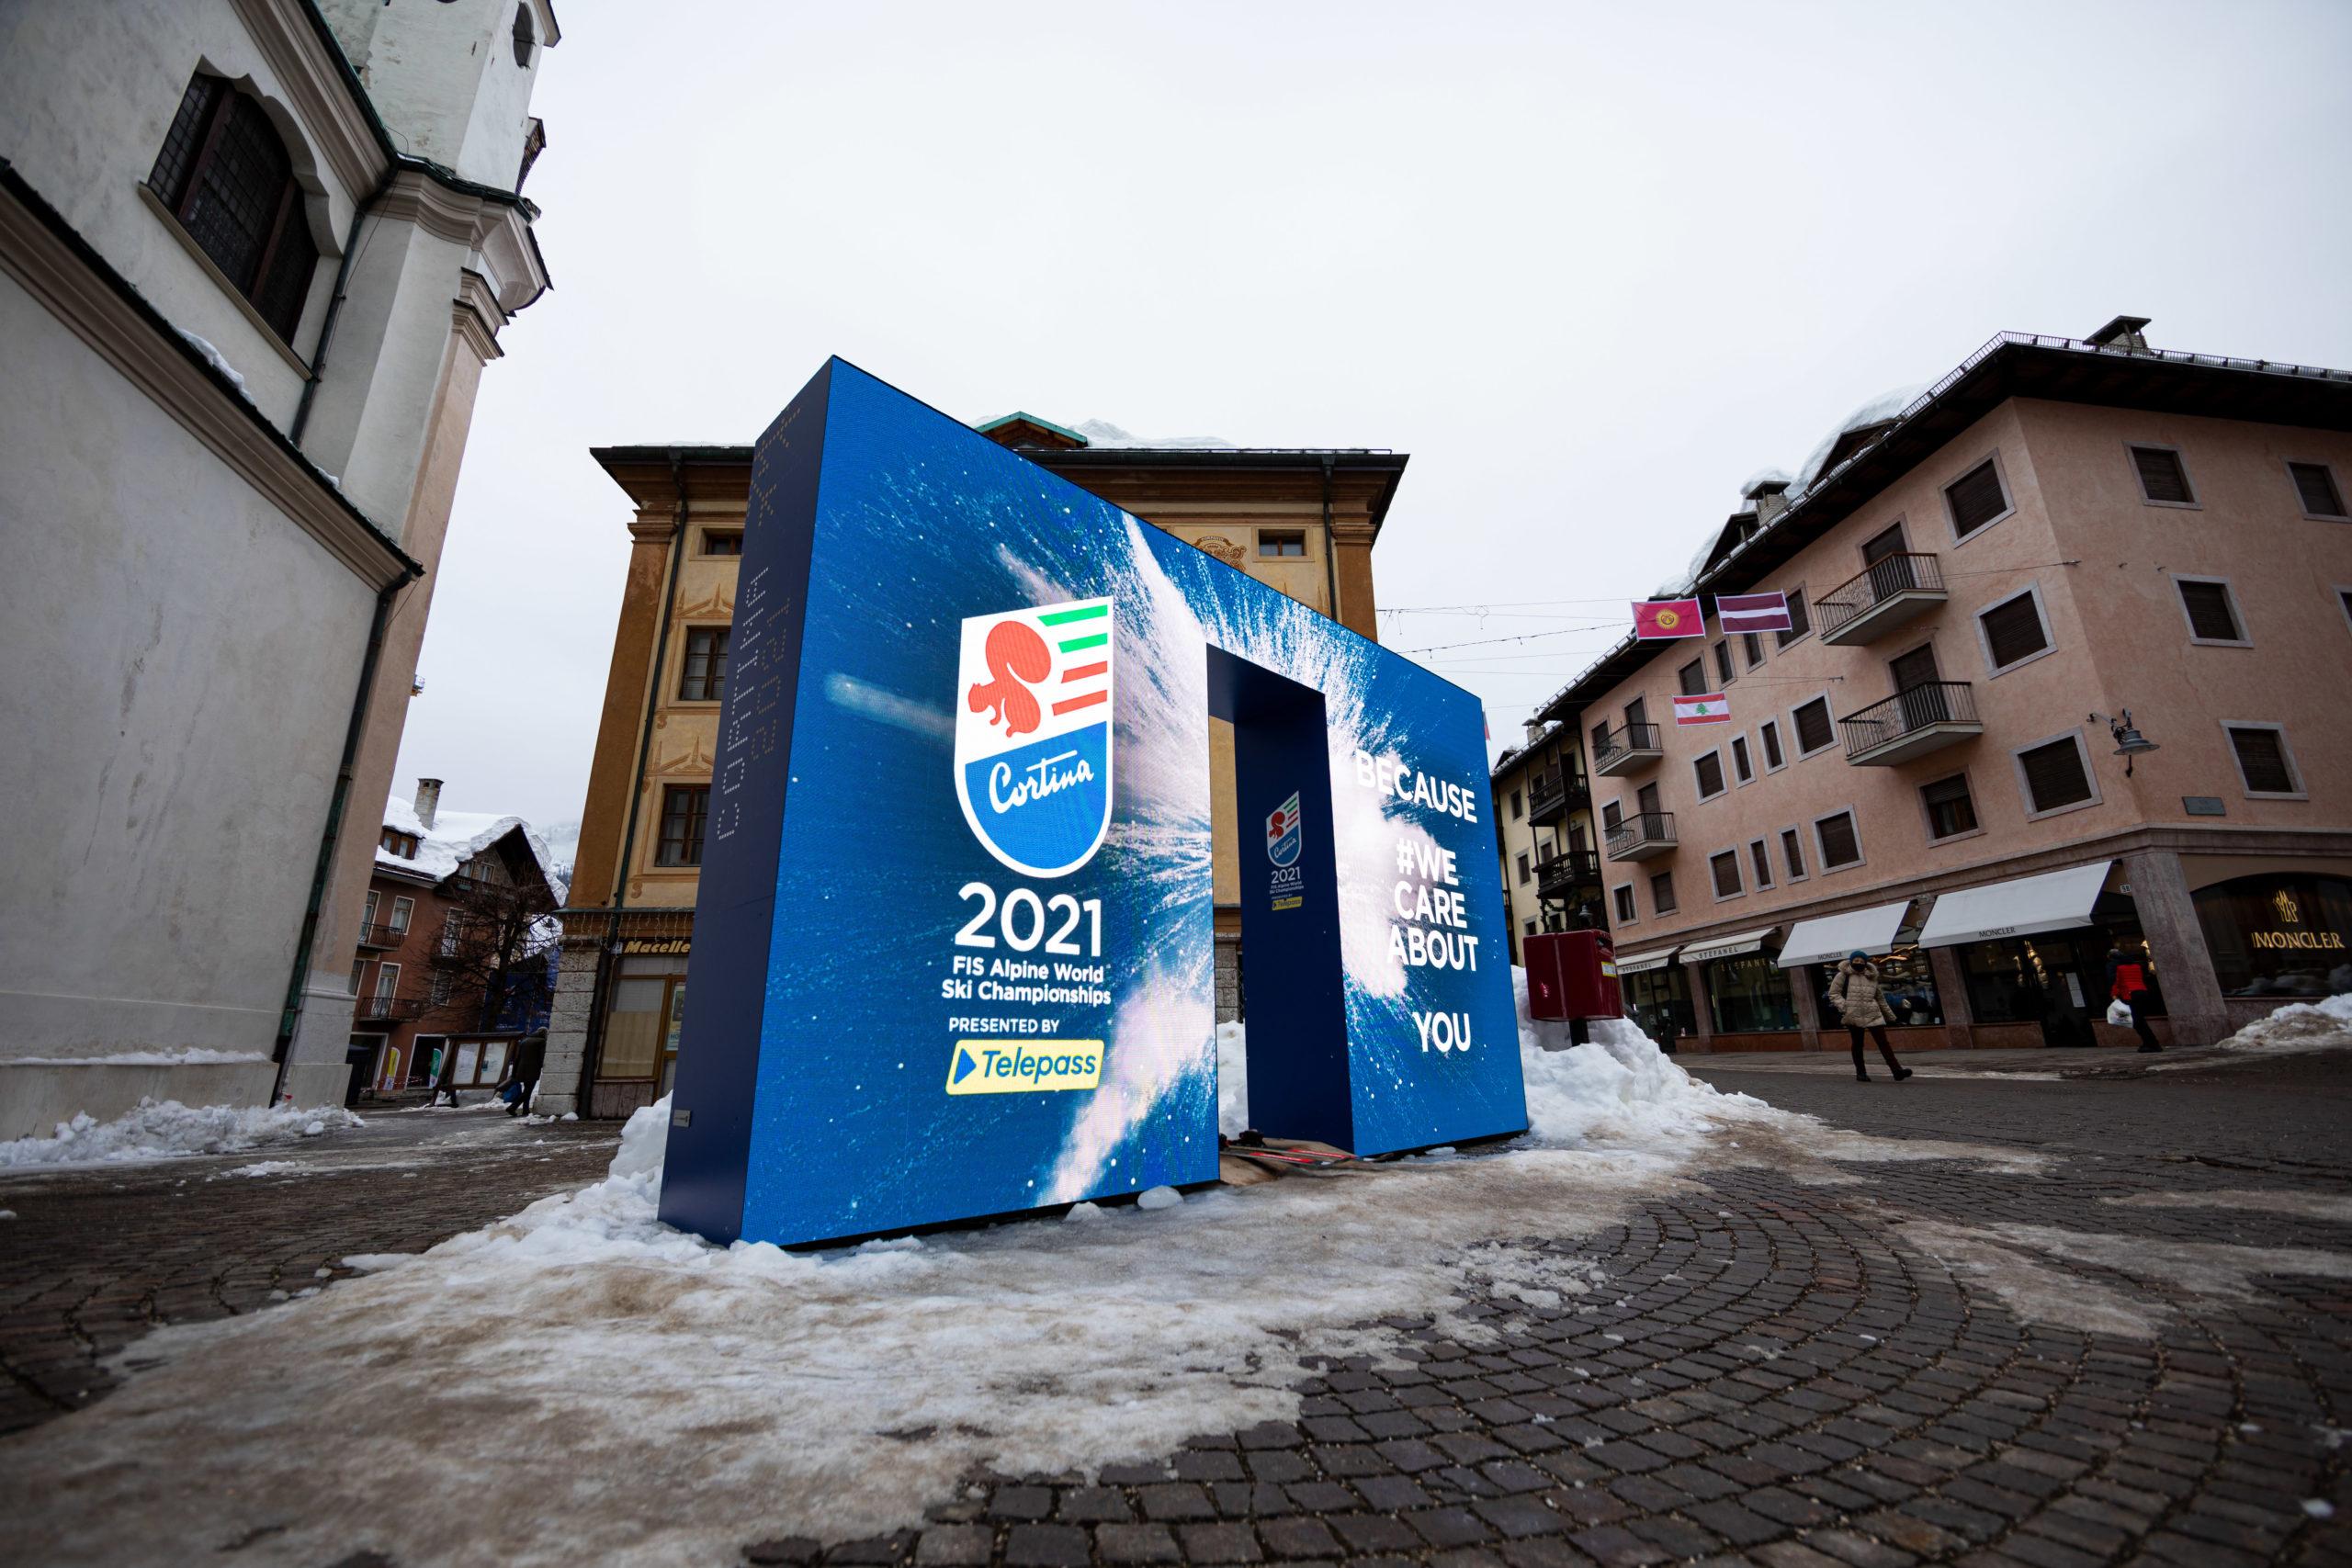 20210206_Mondiali Cortina_installazioni_Cancelletto_1